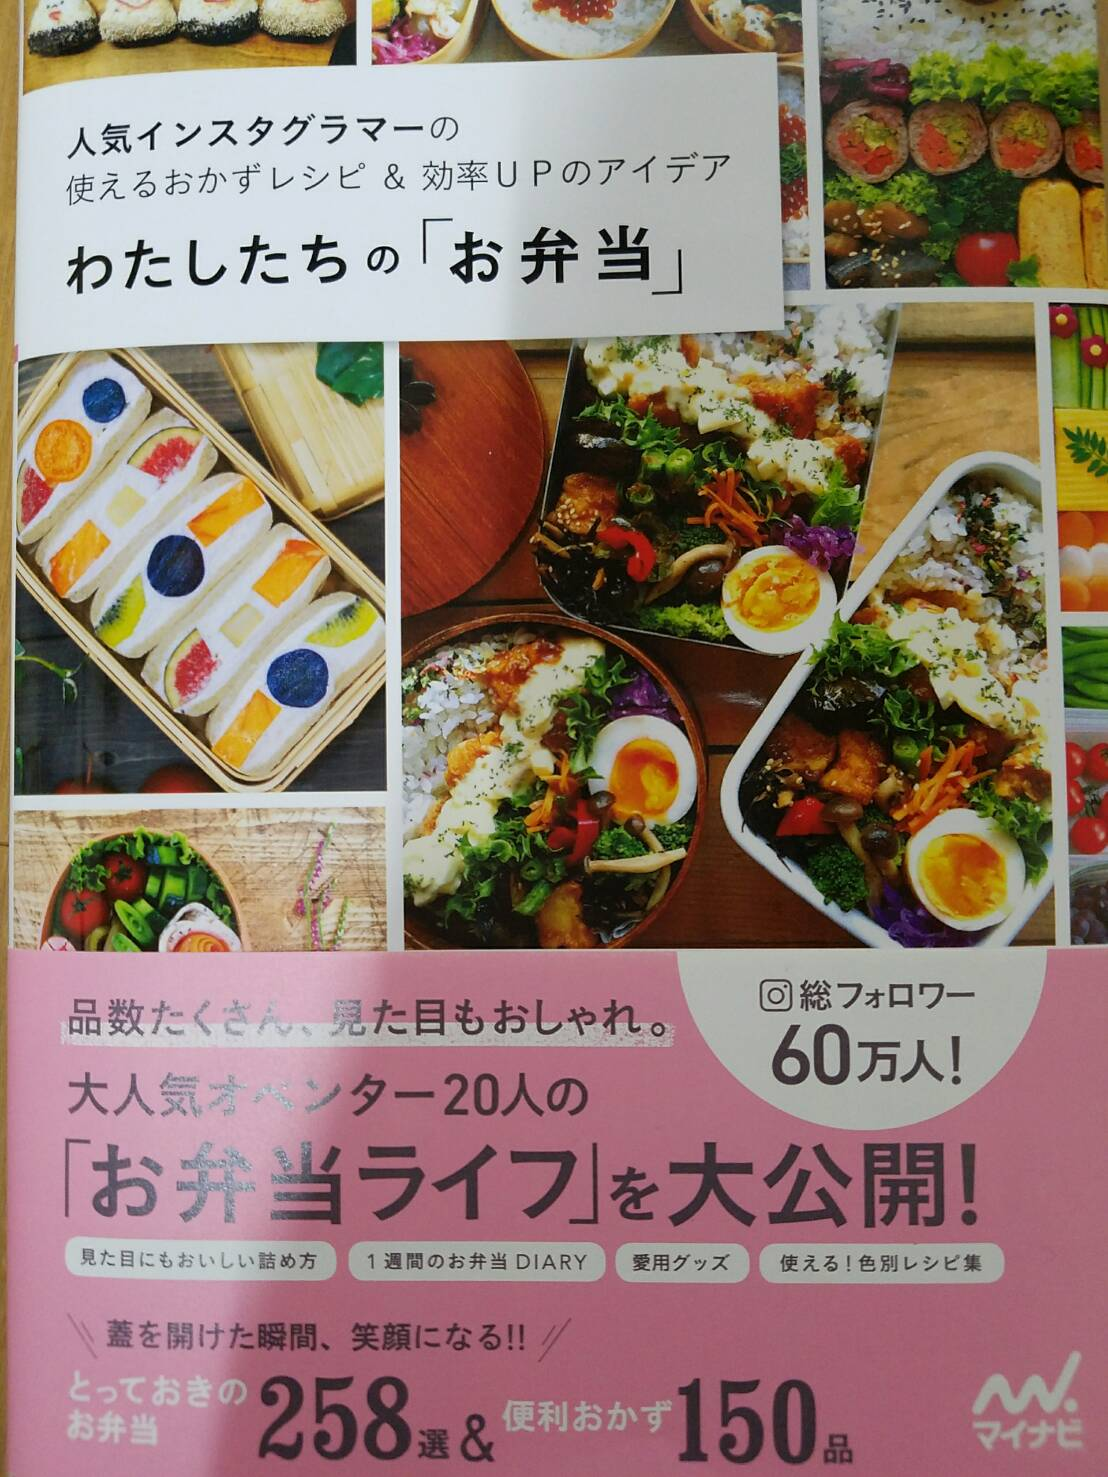 人気インスタグラマーの使えるレシピ&効率UPのアイデアわたしたちの「お弁当」